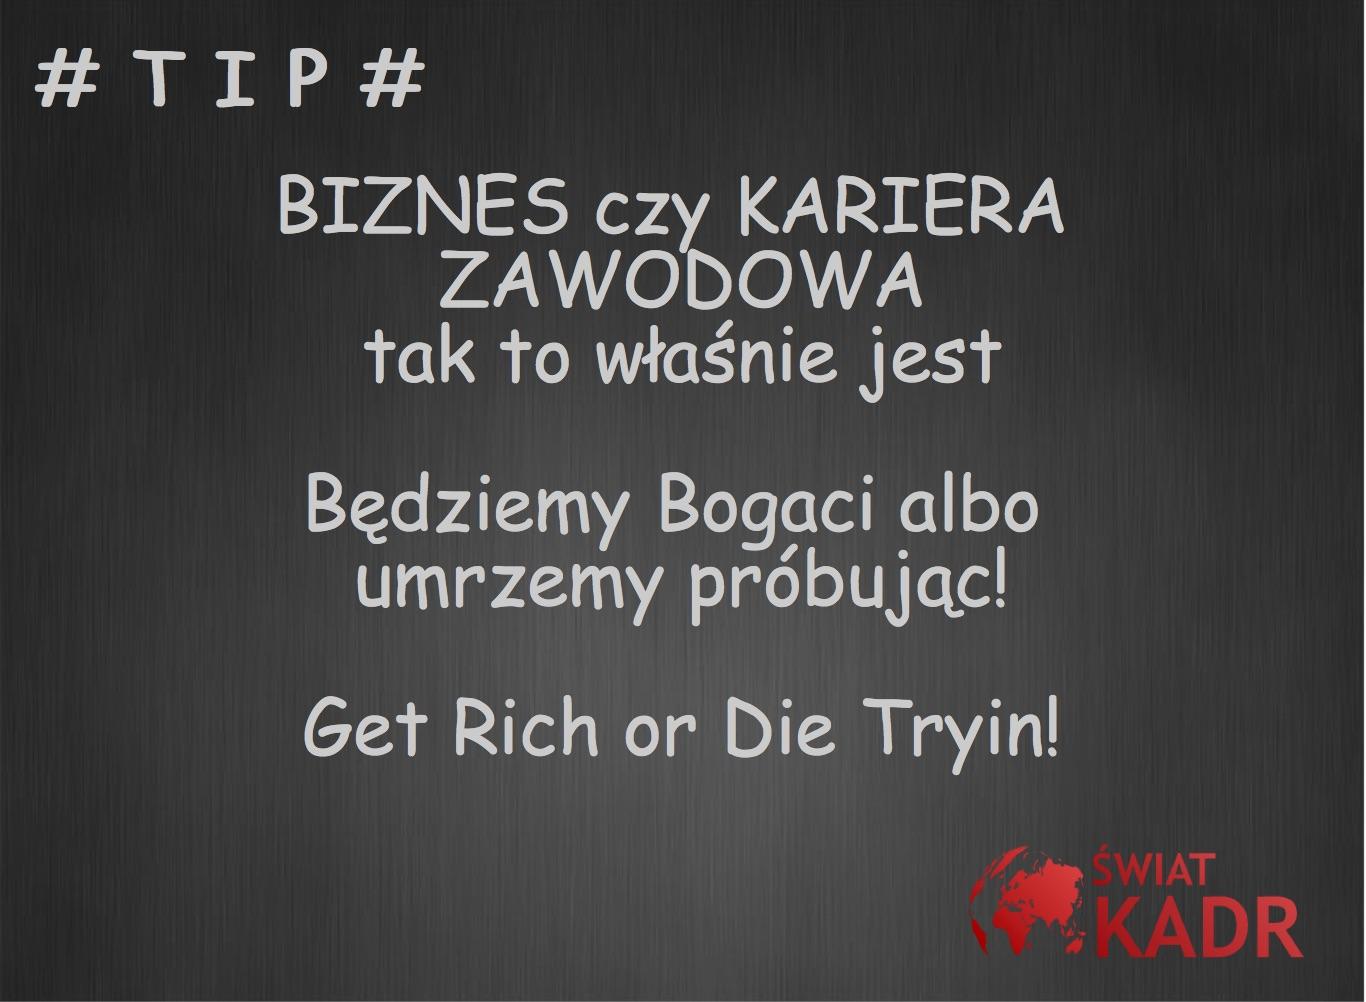 Get Rich or Die Tryin!